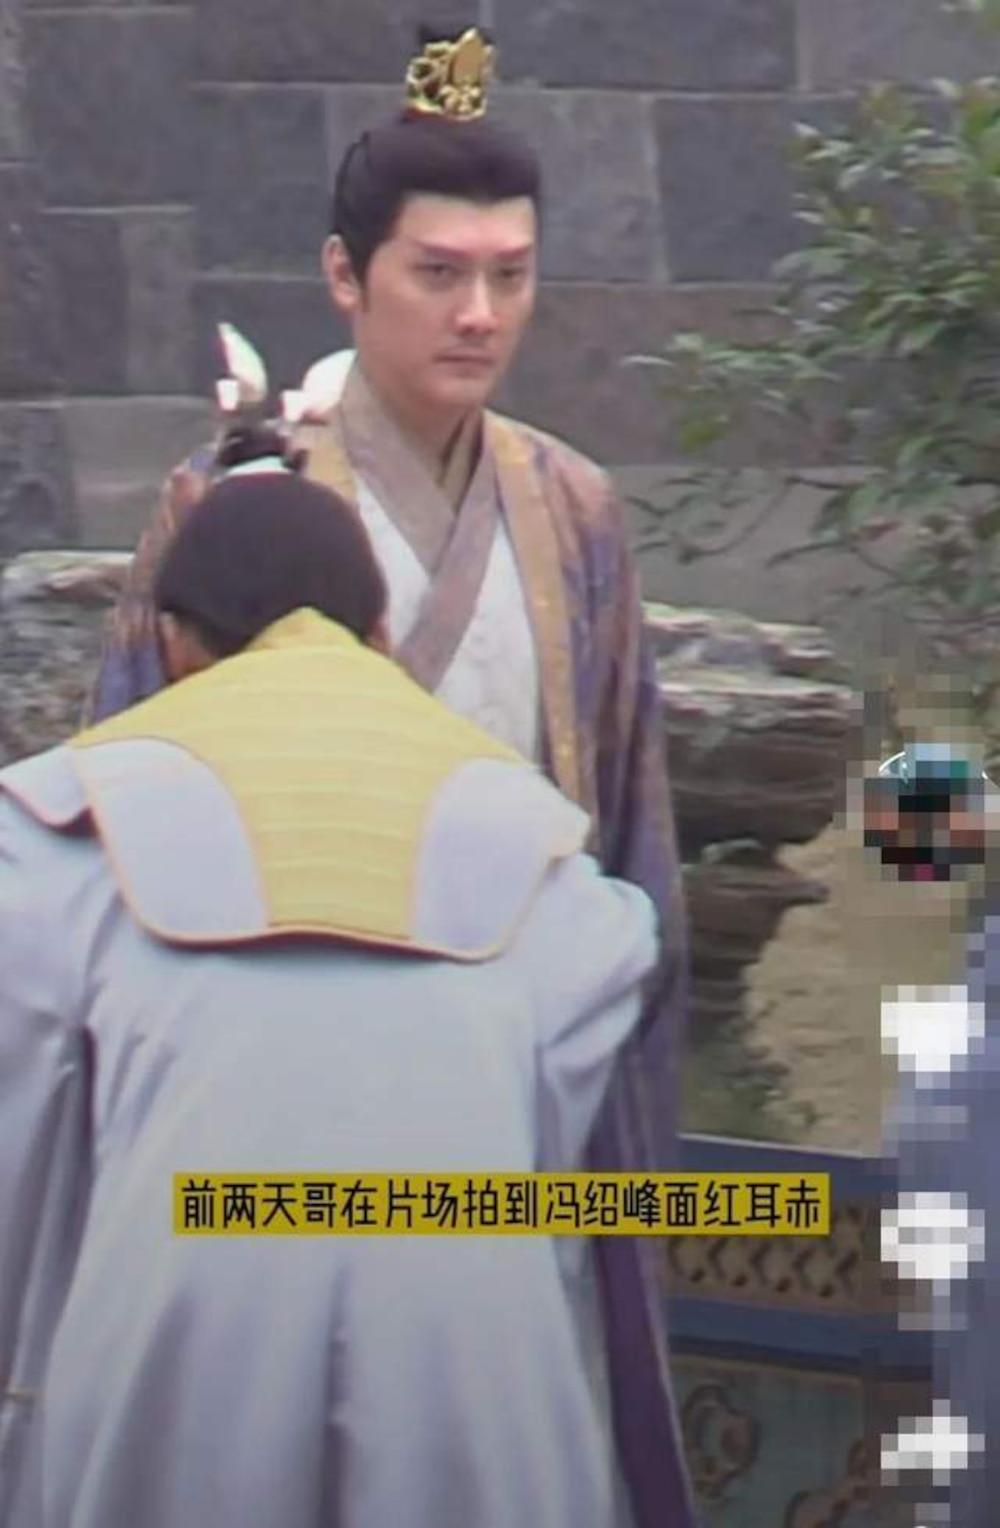 Kết hôn xong có nhiều thay đổi: Phùng Thiệu Phong trông như cha của nữ chính trong loạt ảnh hậu trường Ảnh 4